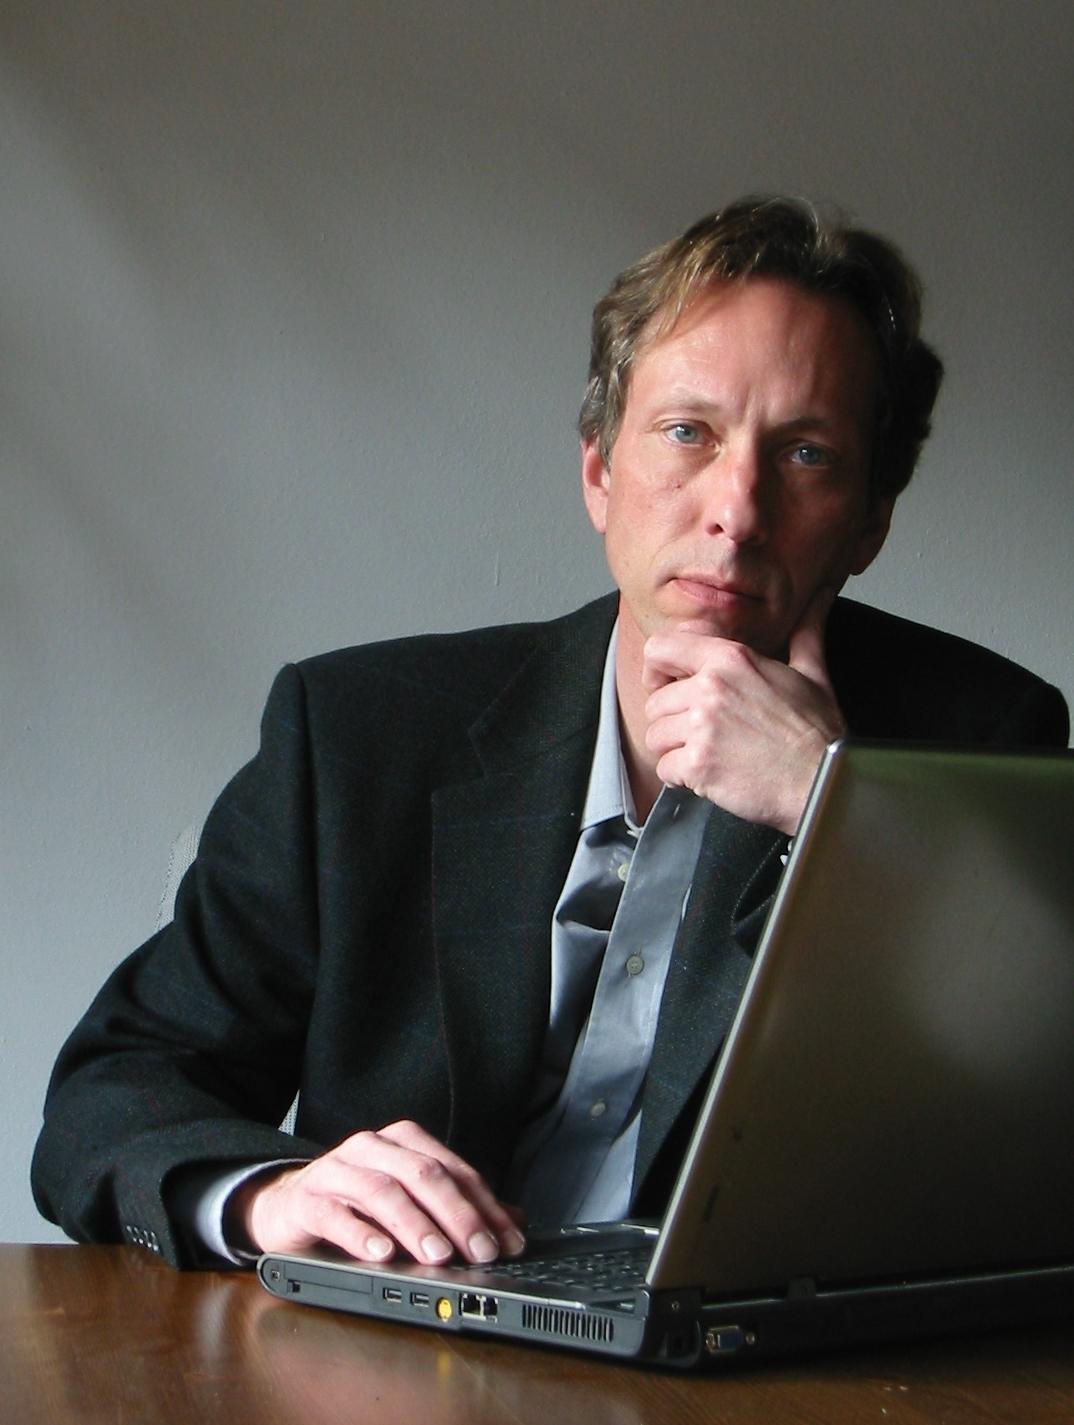 Dipl. Ing. Martin Kurz